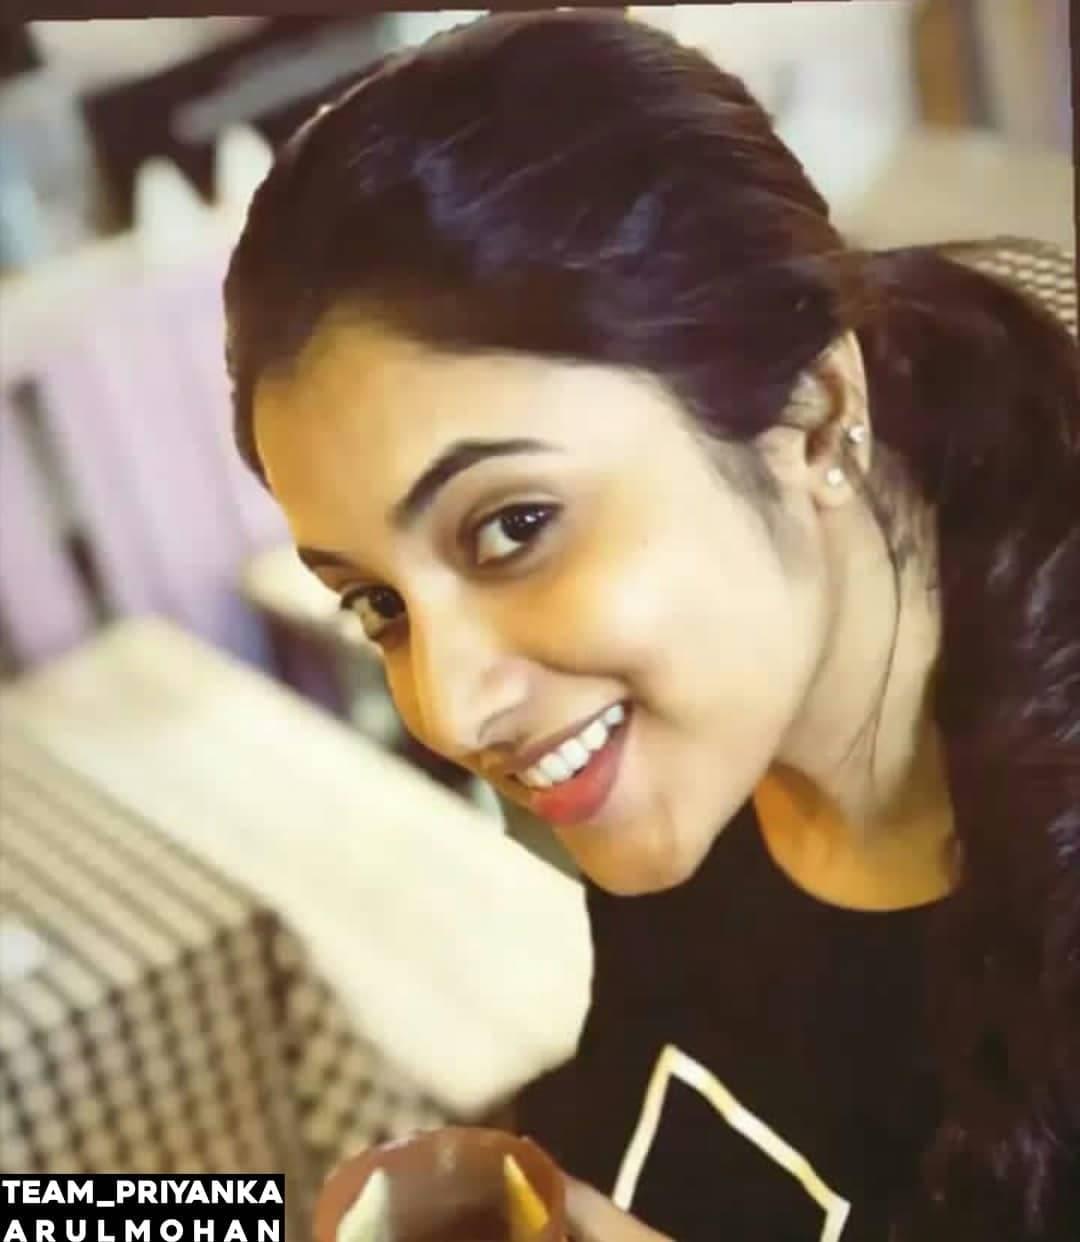 నాని గ్యాంగ్ లీడర్ హీరోయిన్... ప్రియాంక అరుల్ మోహన్ అదిరిపోయే ఫోటోస్... Photo ; Twitter